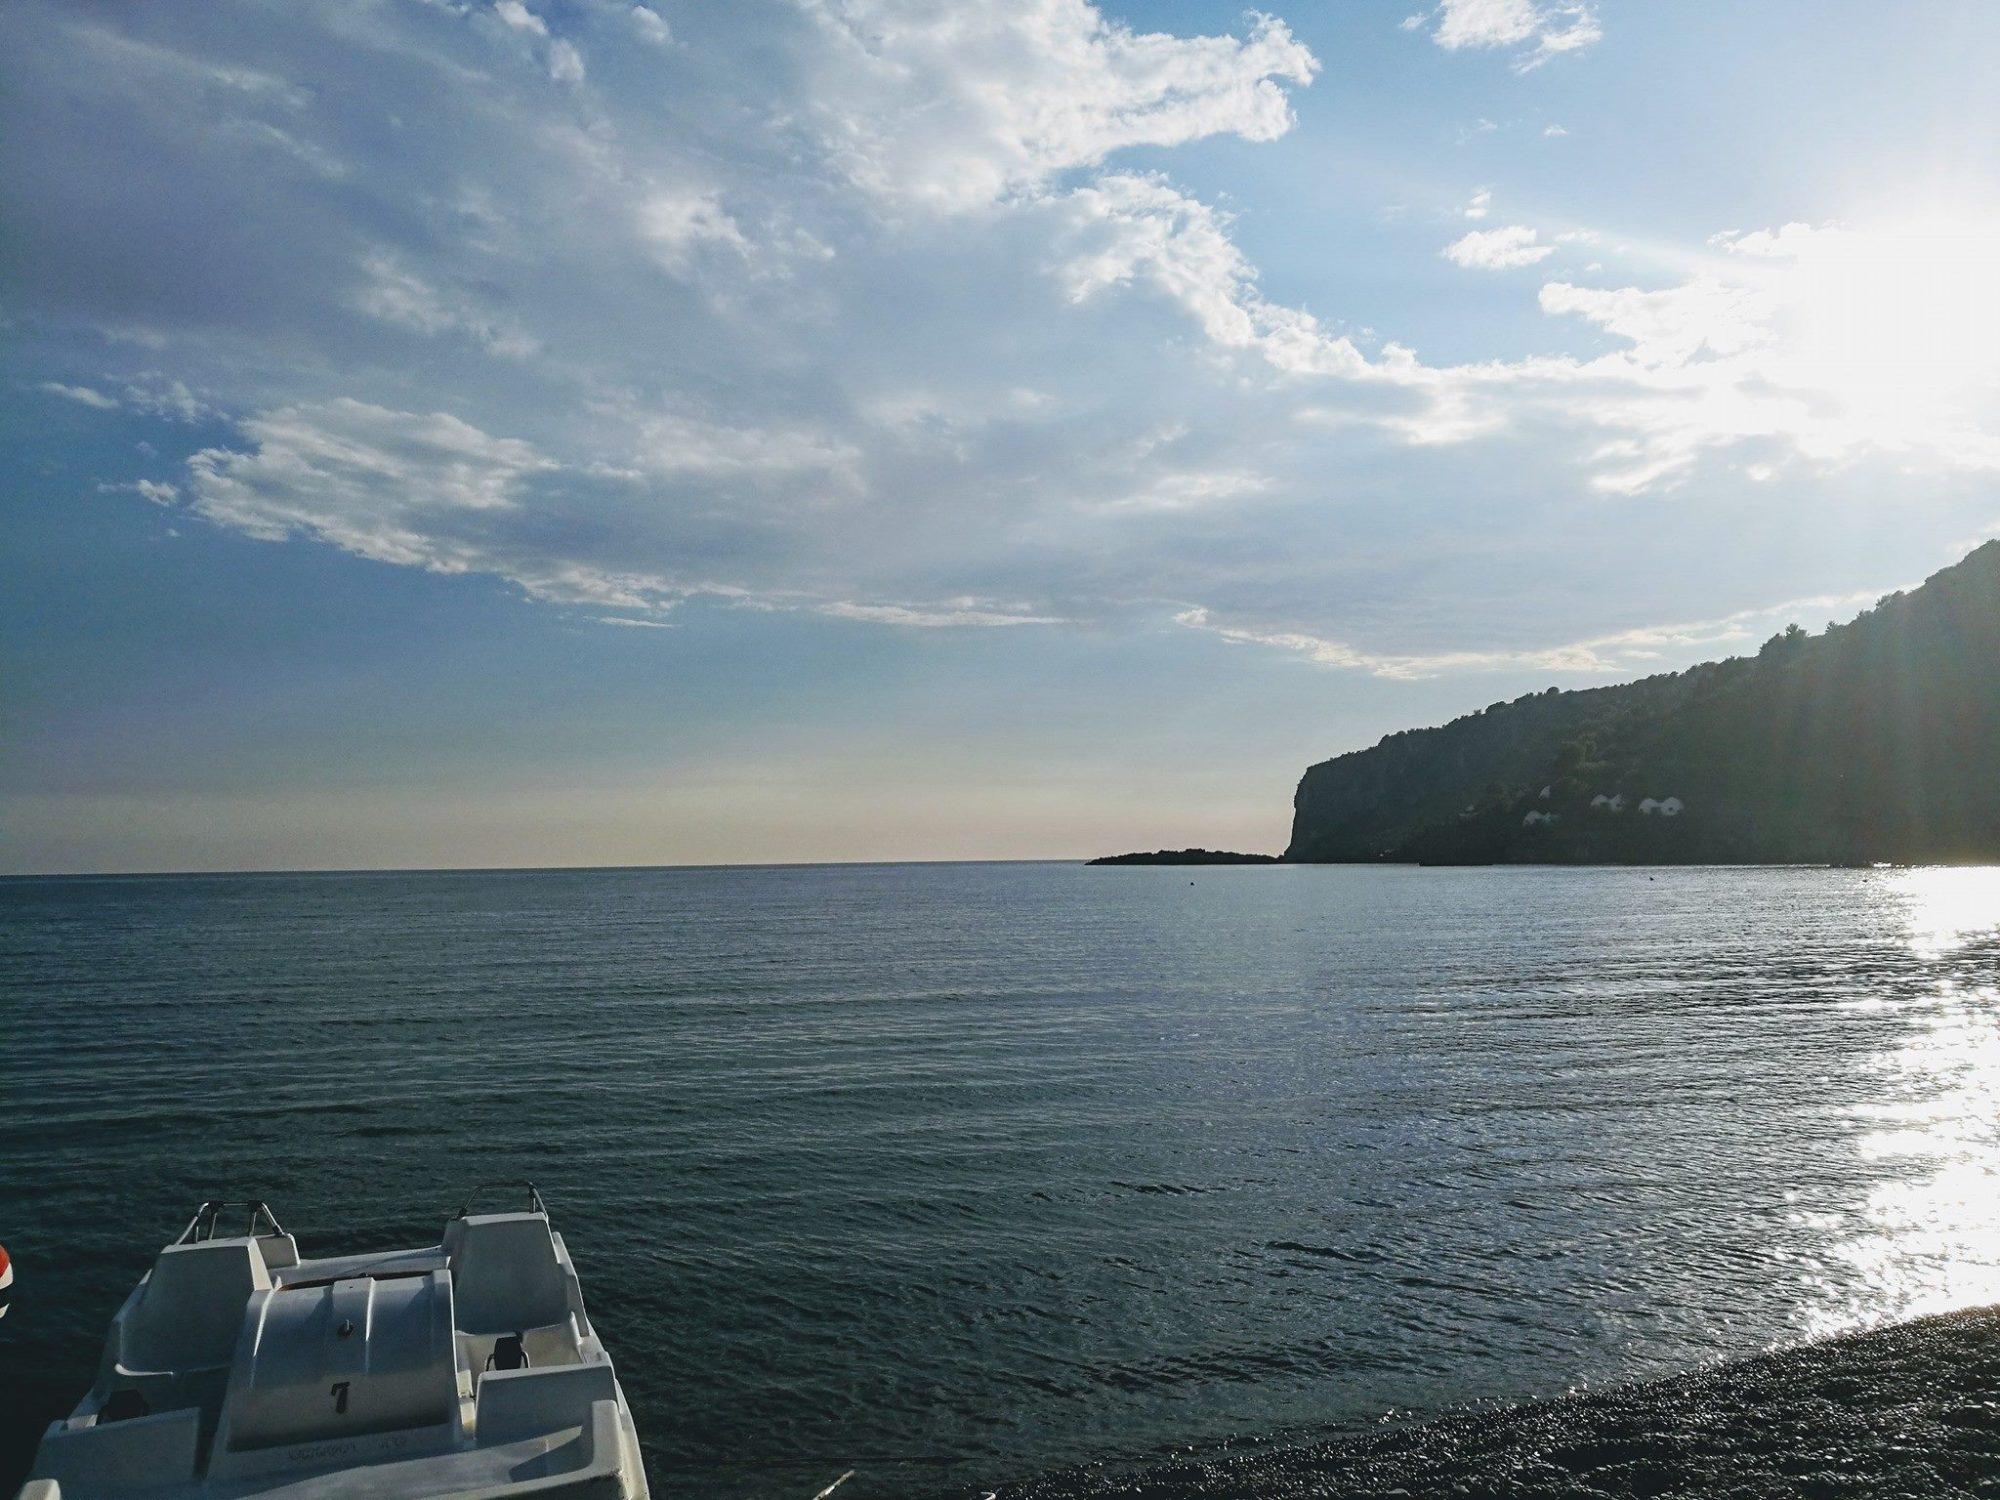 centro balneare yellowe boat a praia a mare